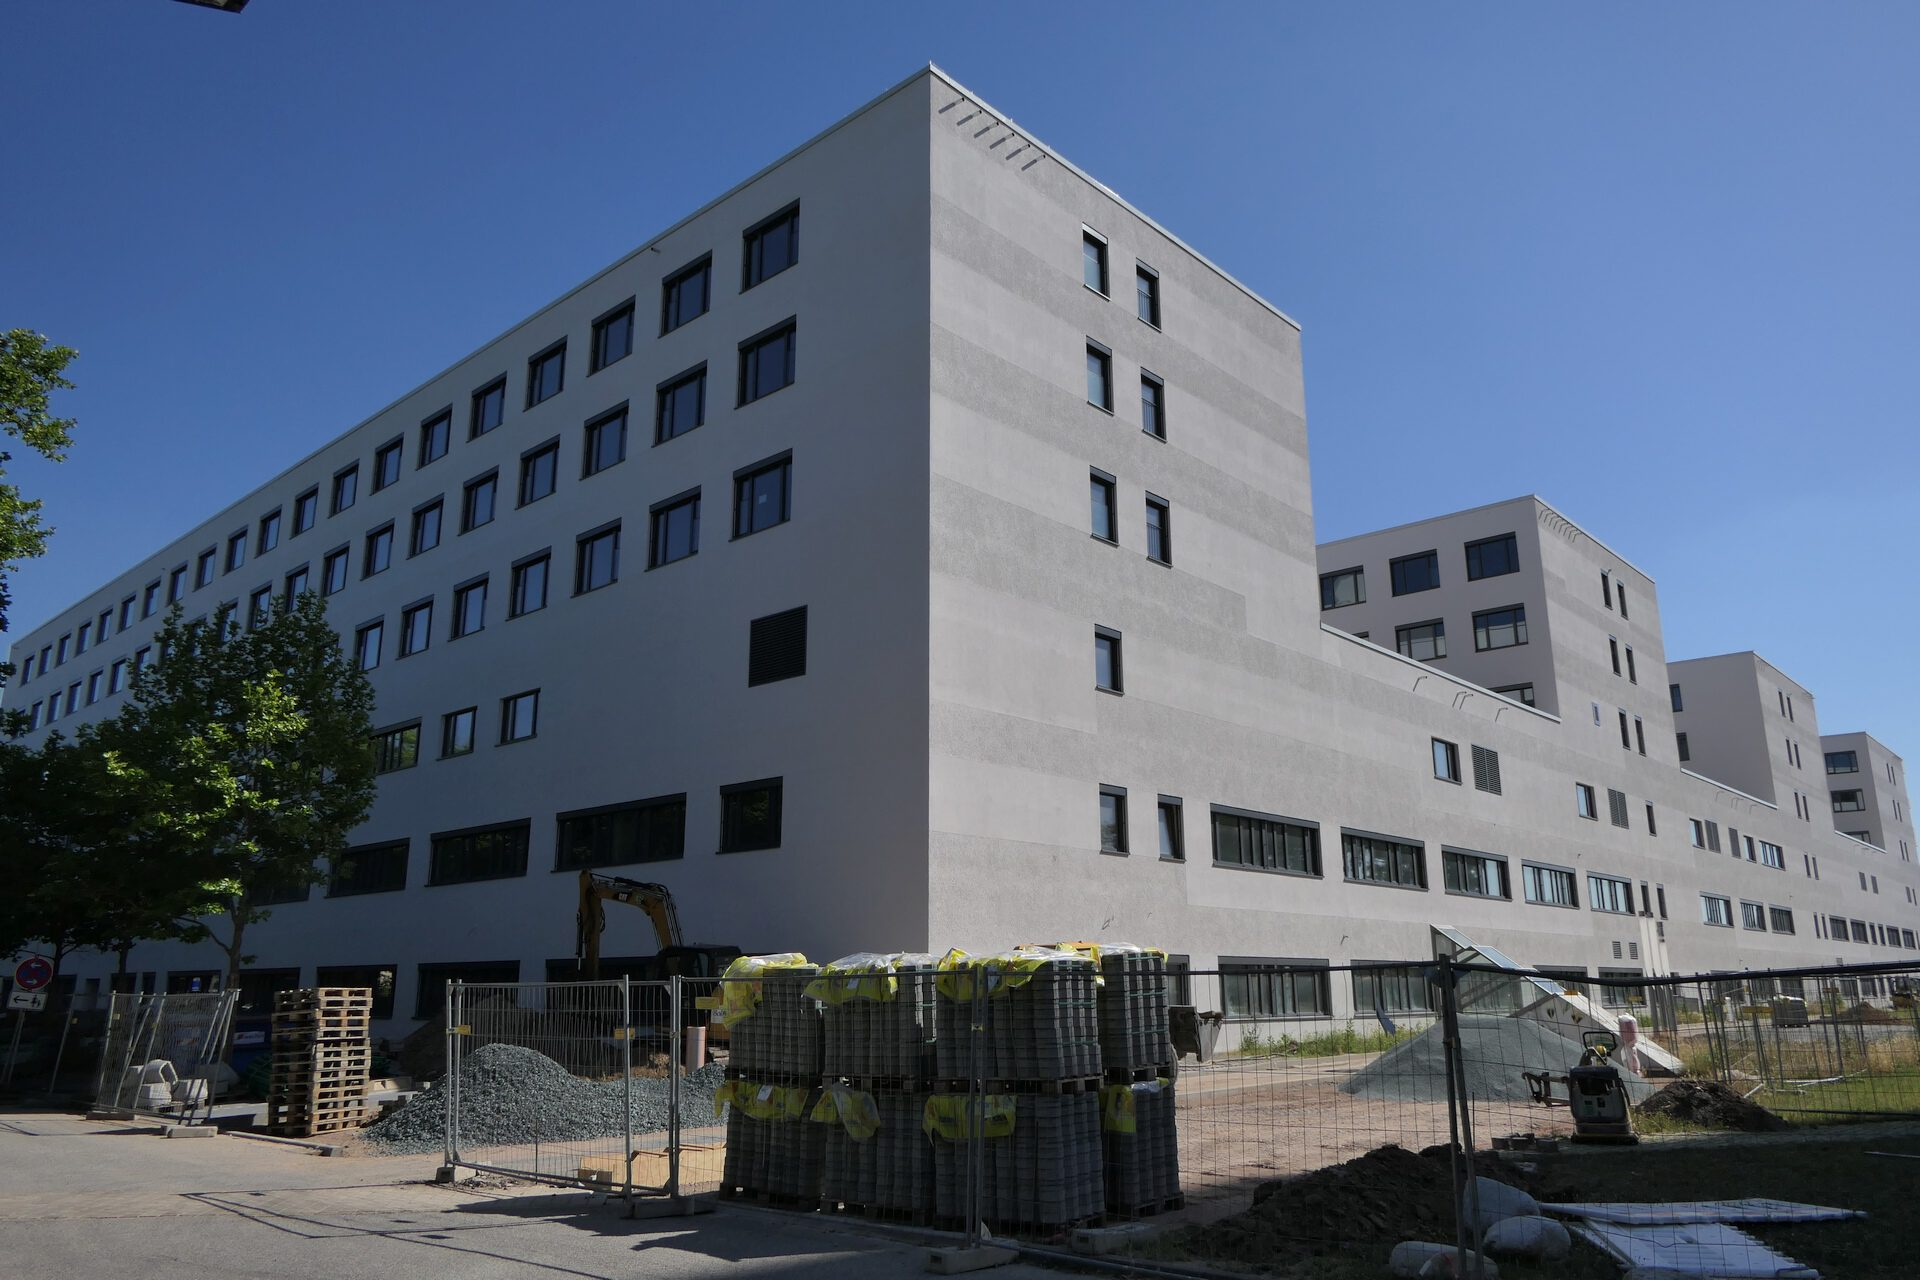 Neubau des Klinikums Höchst. Baustelle.